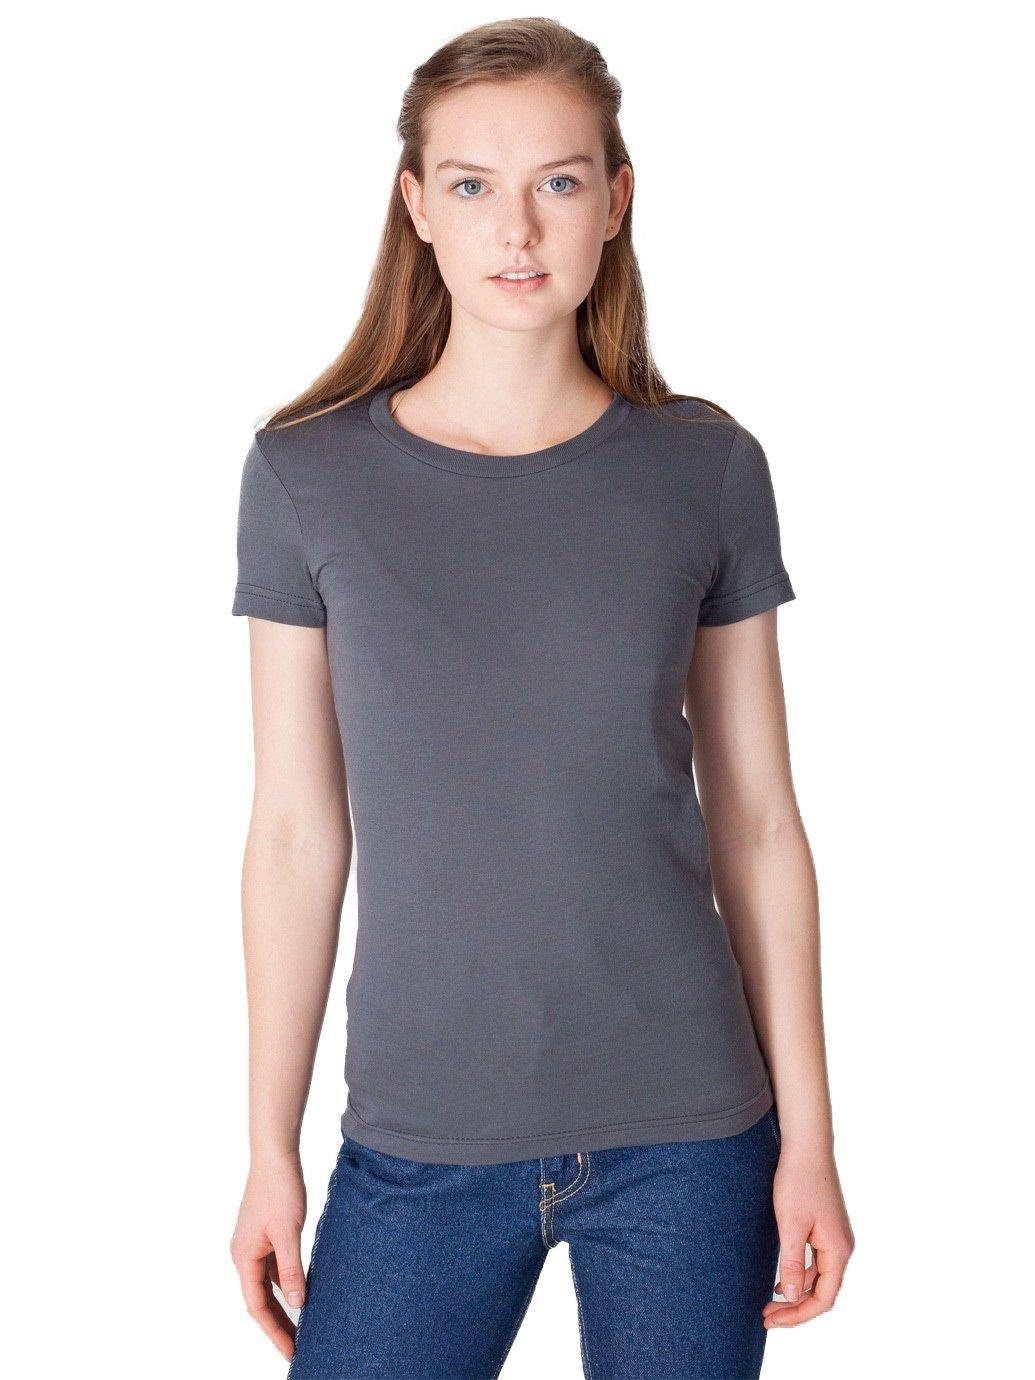 American Apparel Women's Fine Jersey Short Sleeve Women's's T Size L Asphalt